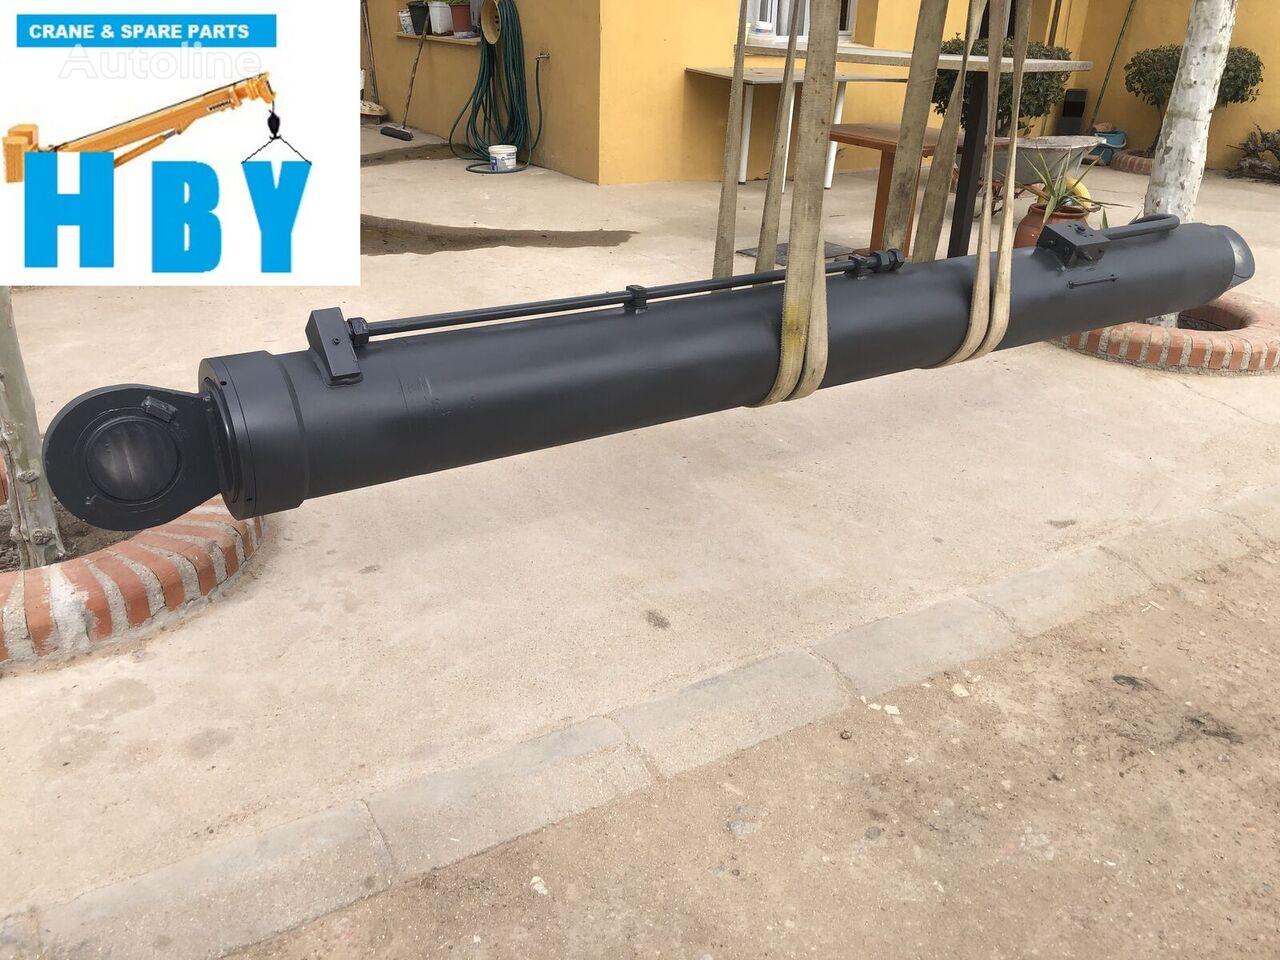 GROVE (2309971-ETL) cilindro hidráulico para GROVE GMK 3050 grúa móvil para piezas